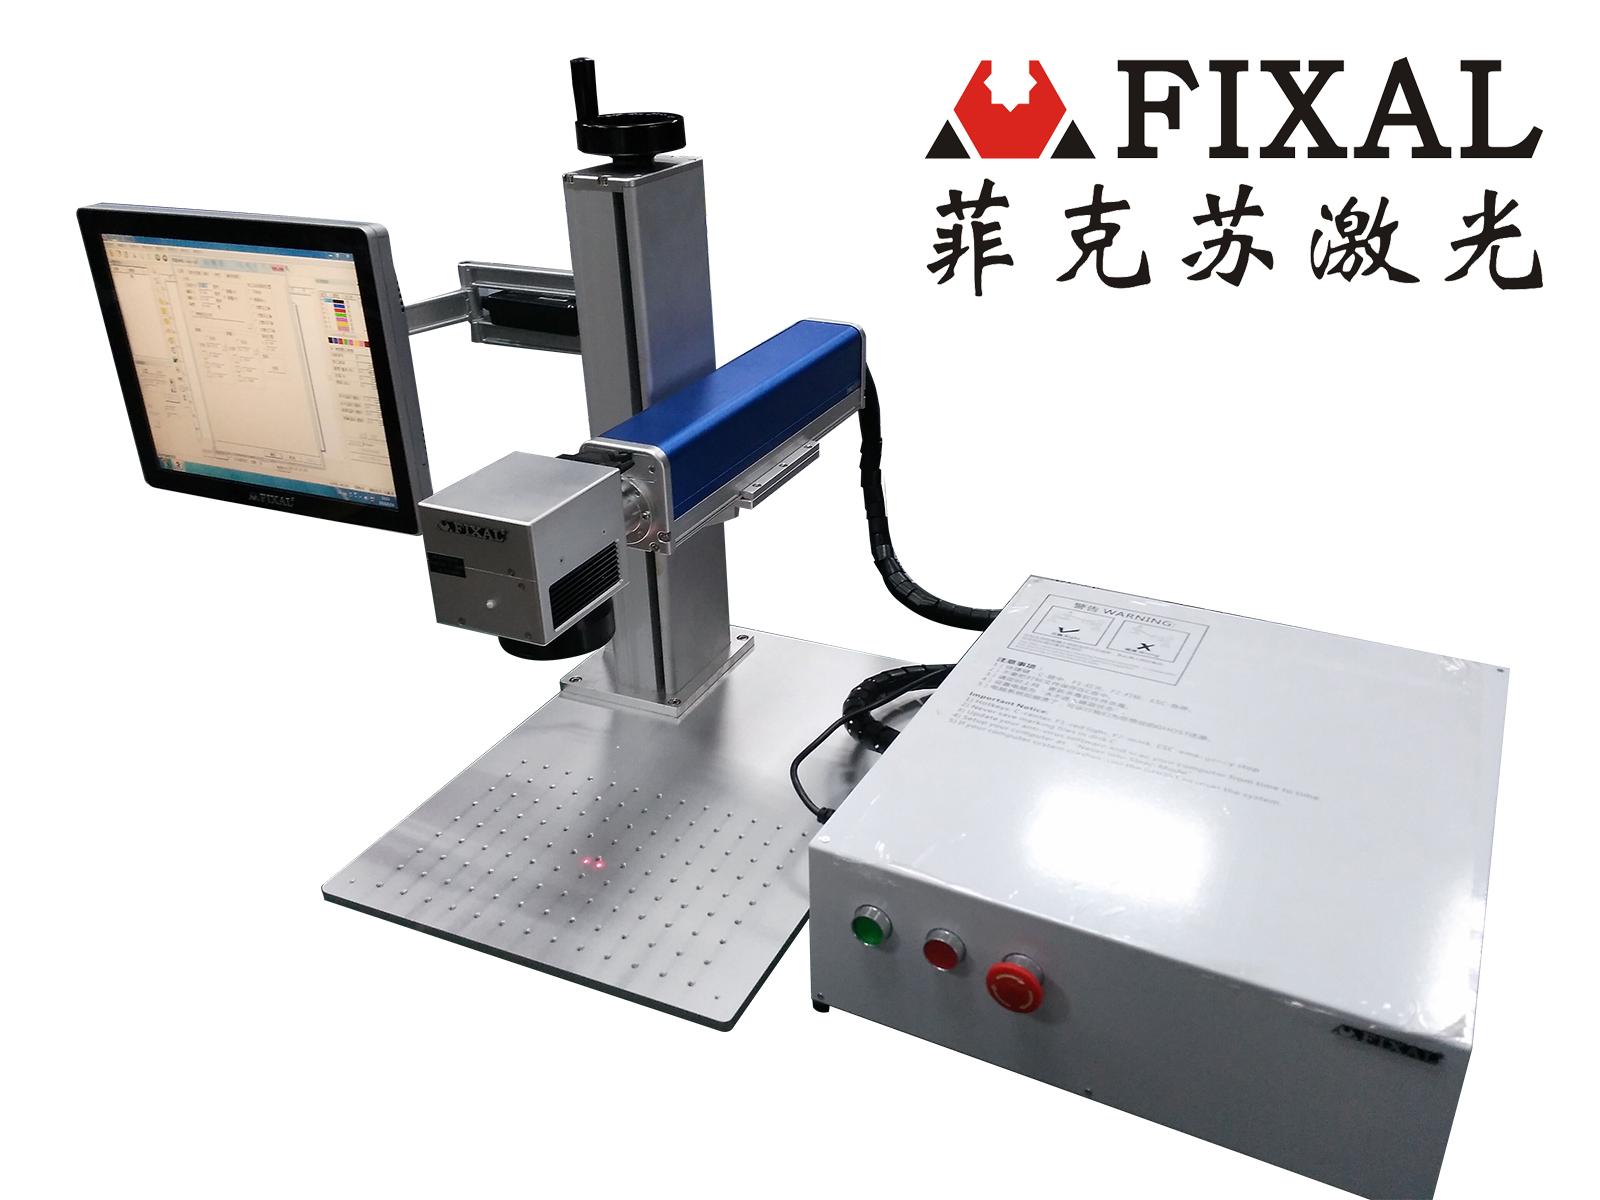 菲克蘇FX-T320 臺式光纖激光打標機